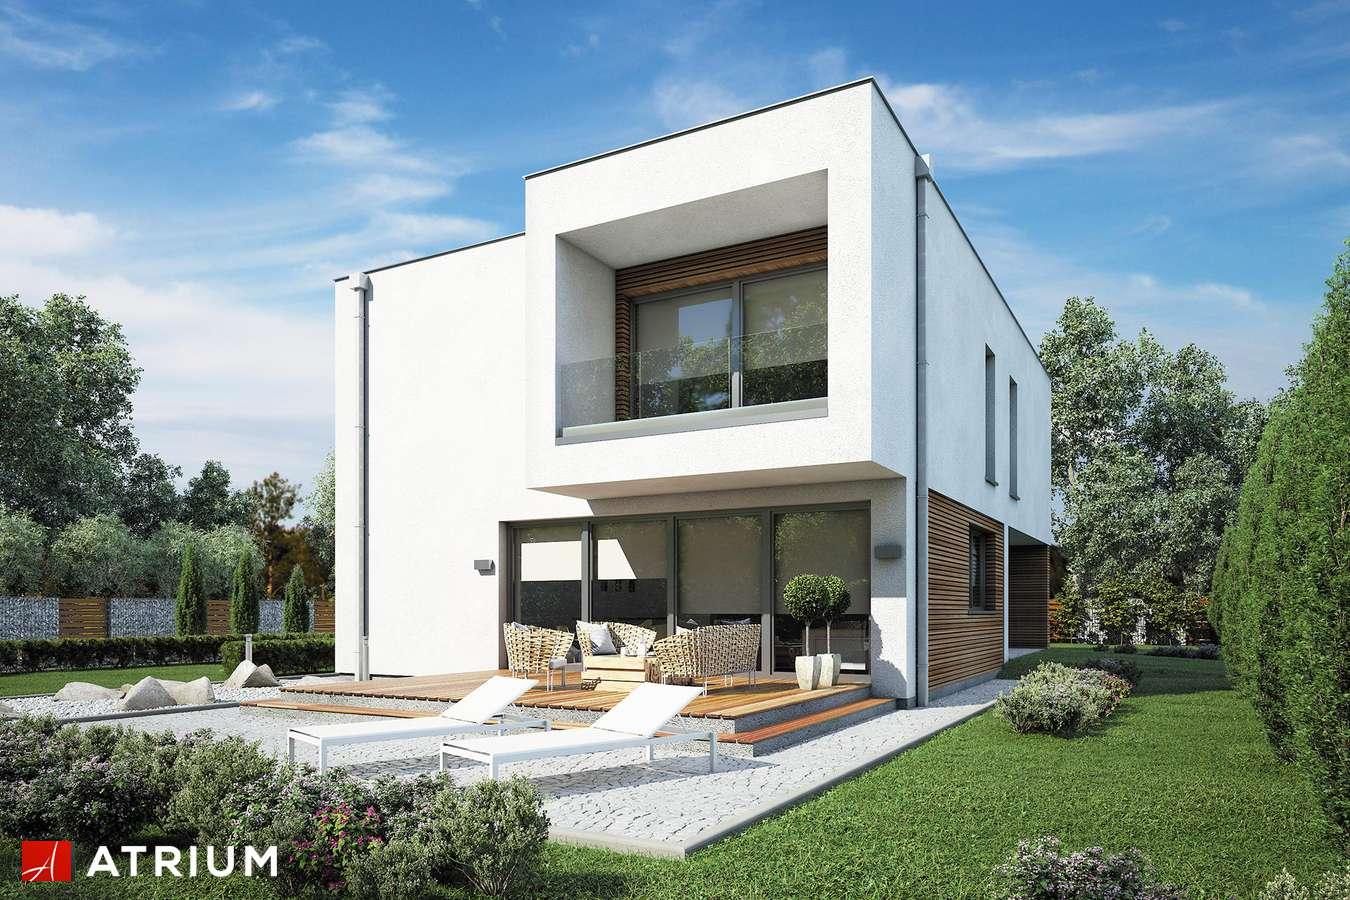 Projekty domów - Projekt domu piętrowego VERTIKAL - wizualizacja 2